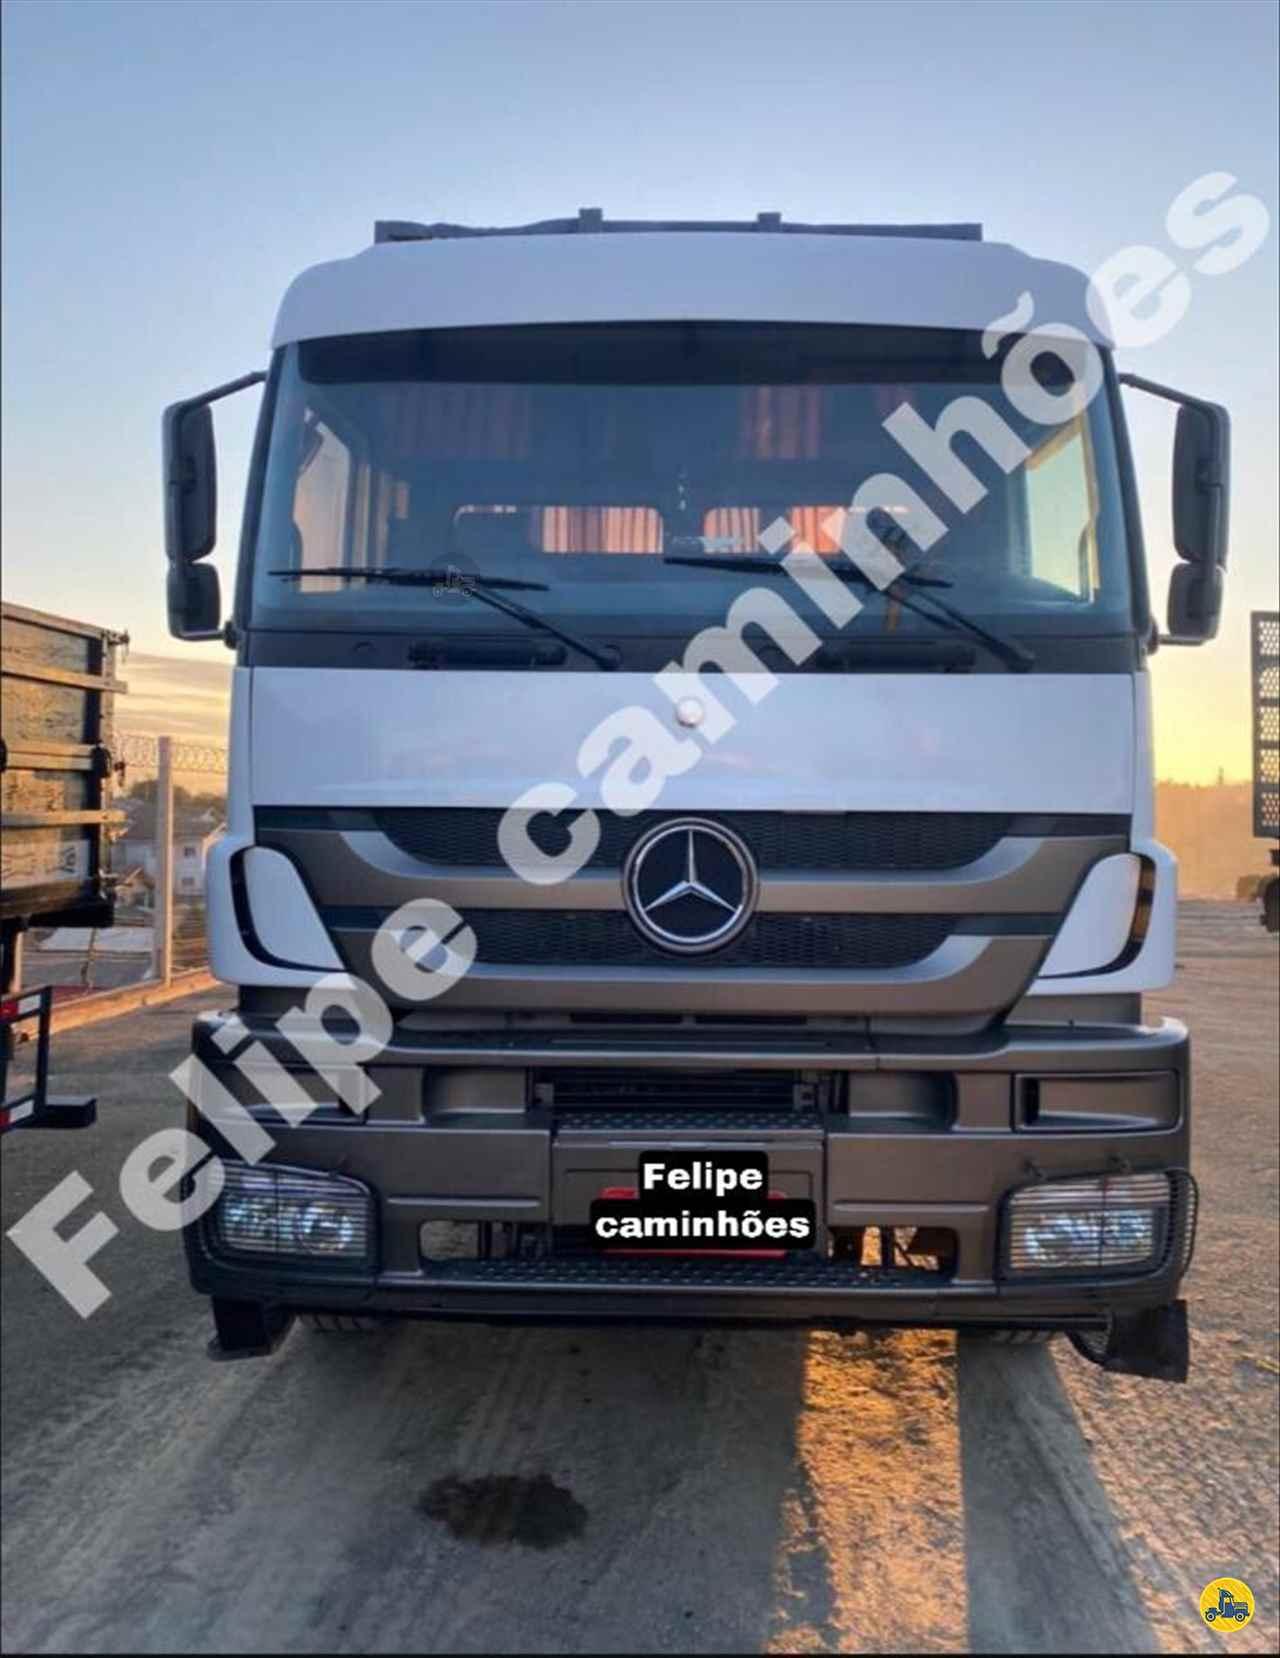 CAMINHAO MERCEDES-BENZ MB 3344 Plataforma Traçado 6x4 Felipe Caminhões LAGES SANTA CATARINA SC